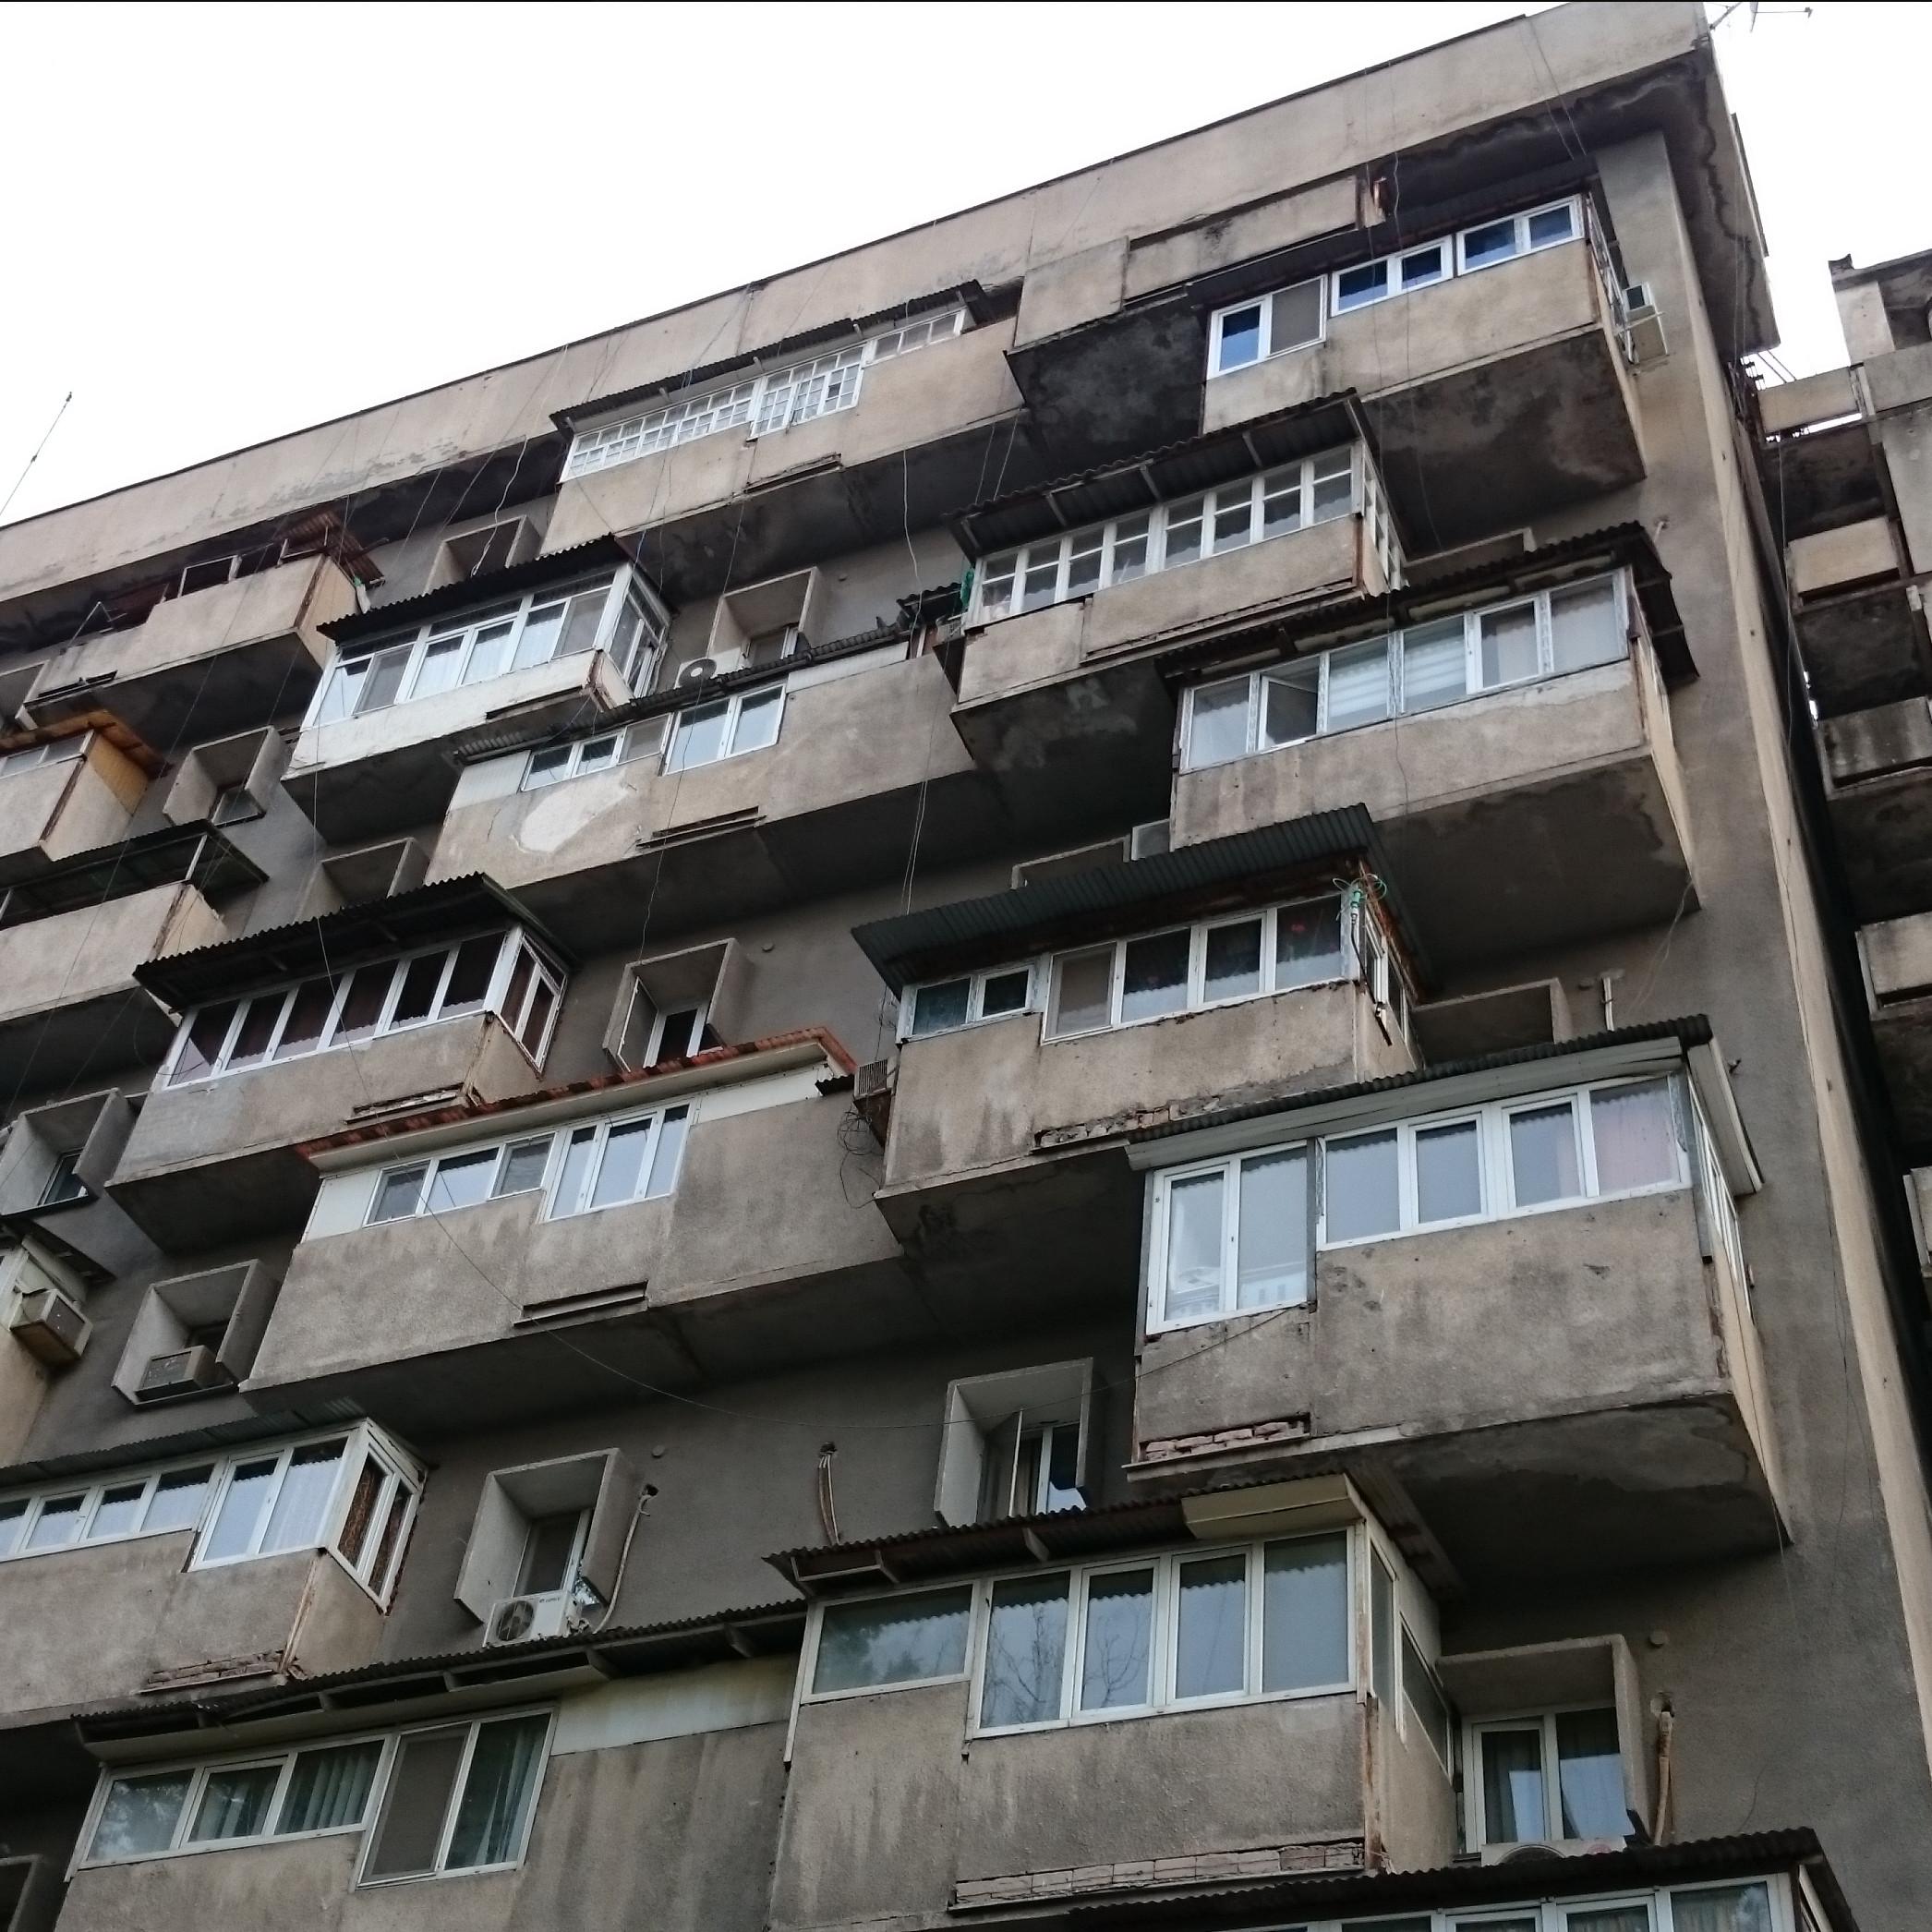 Grauer Wohnblock von unten fotografiert mit vielen Wohnungen.